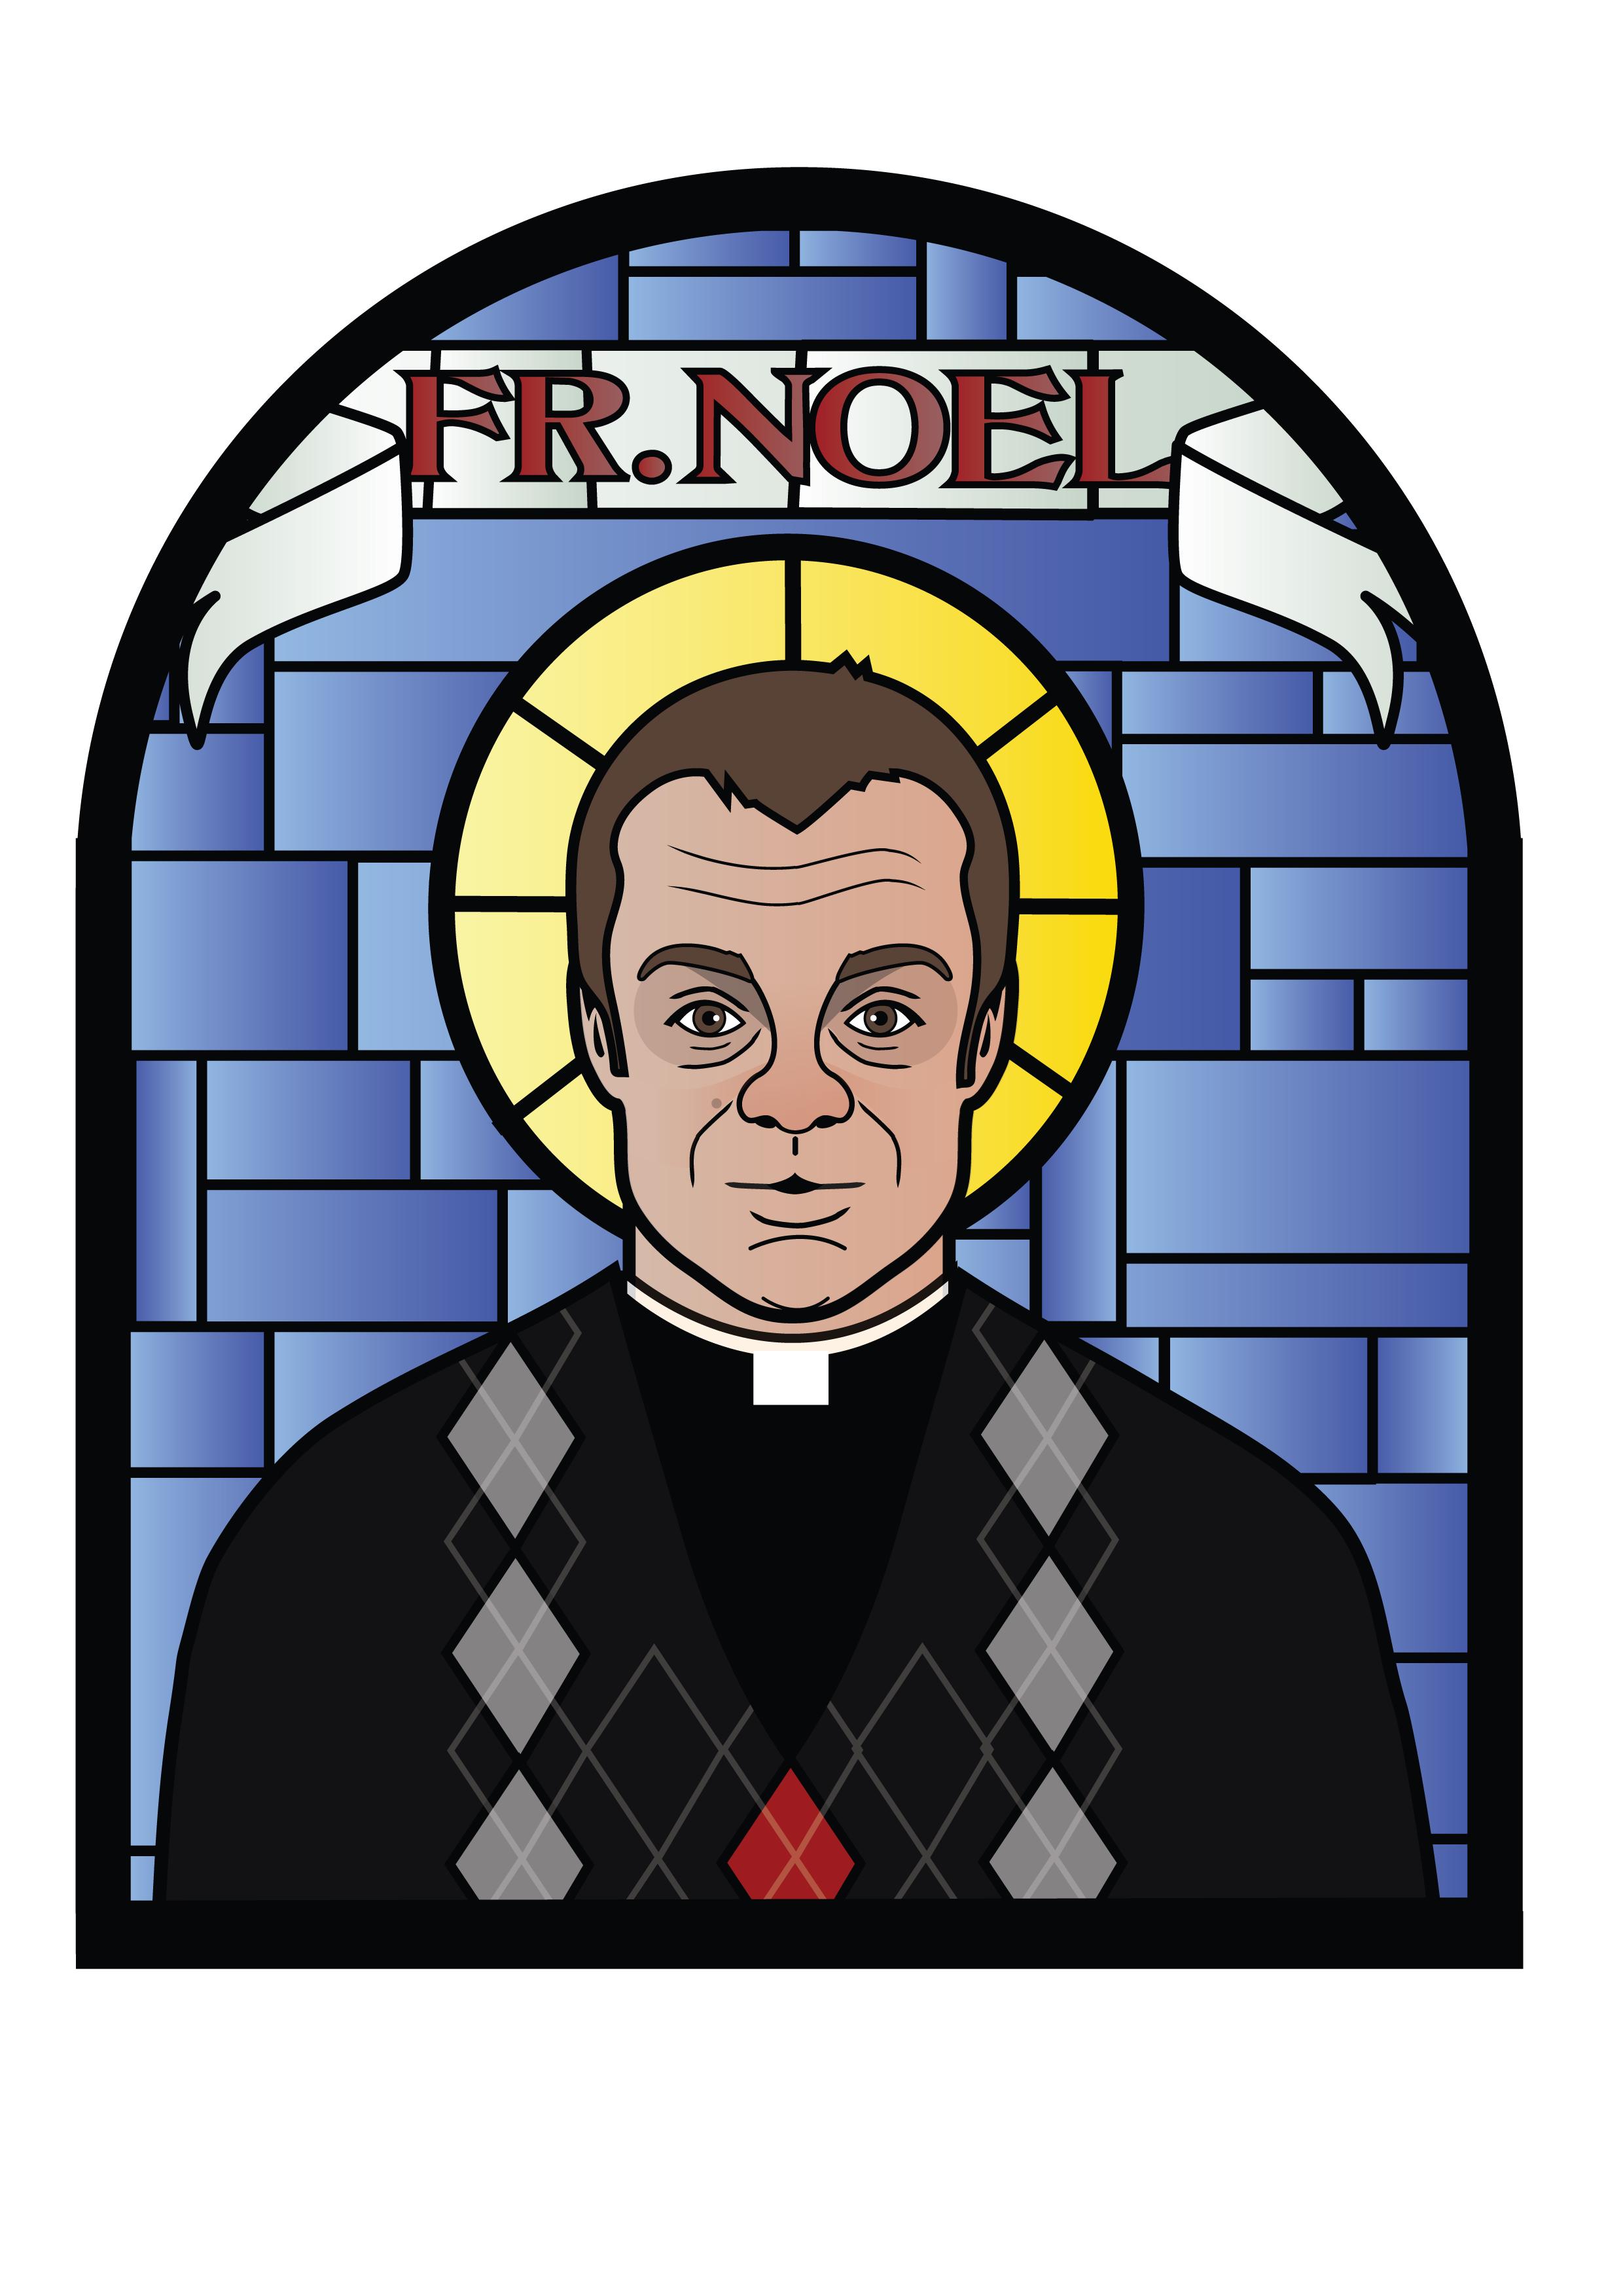 FR_NOEL-01